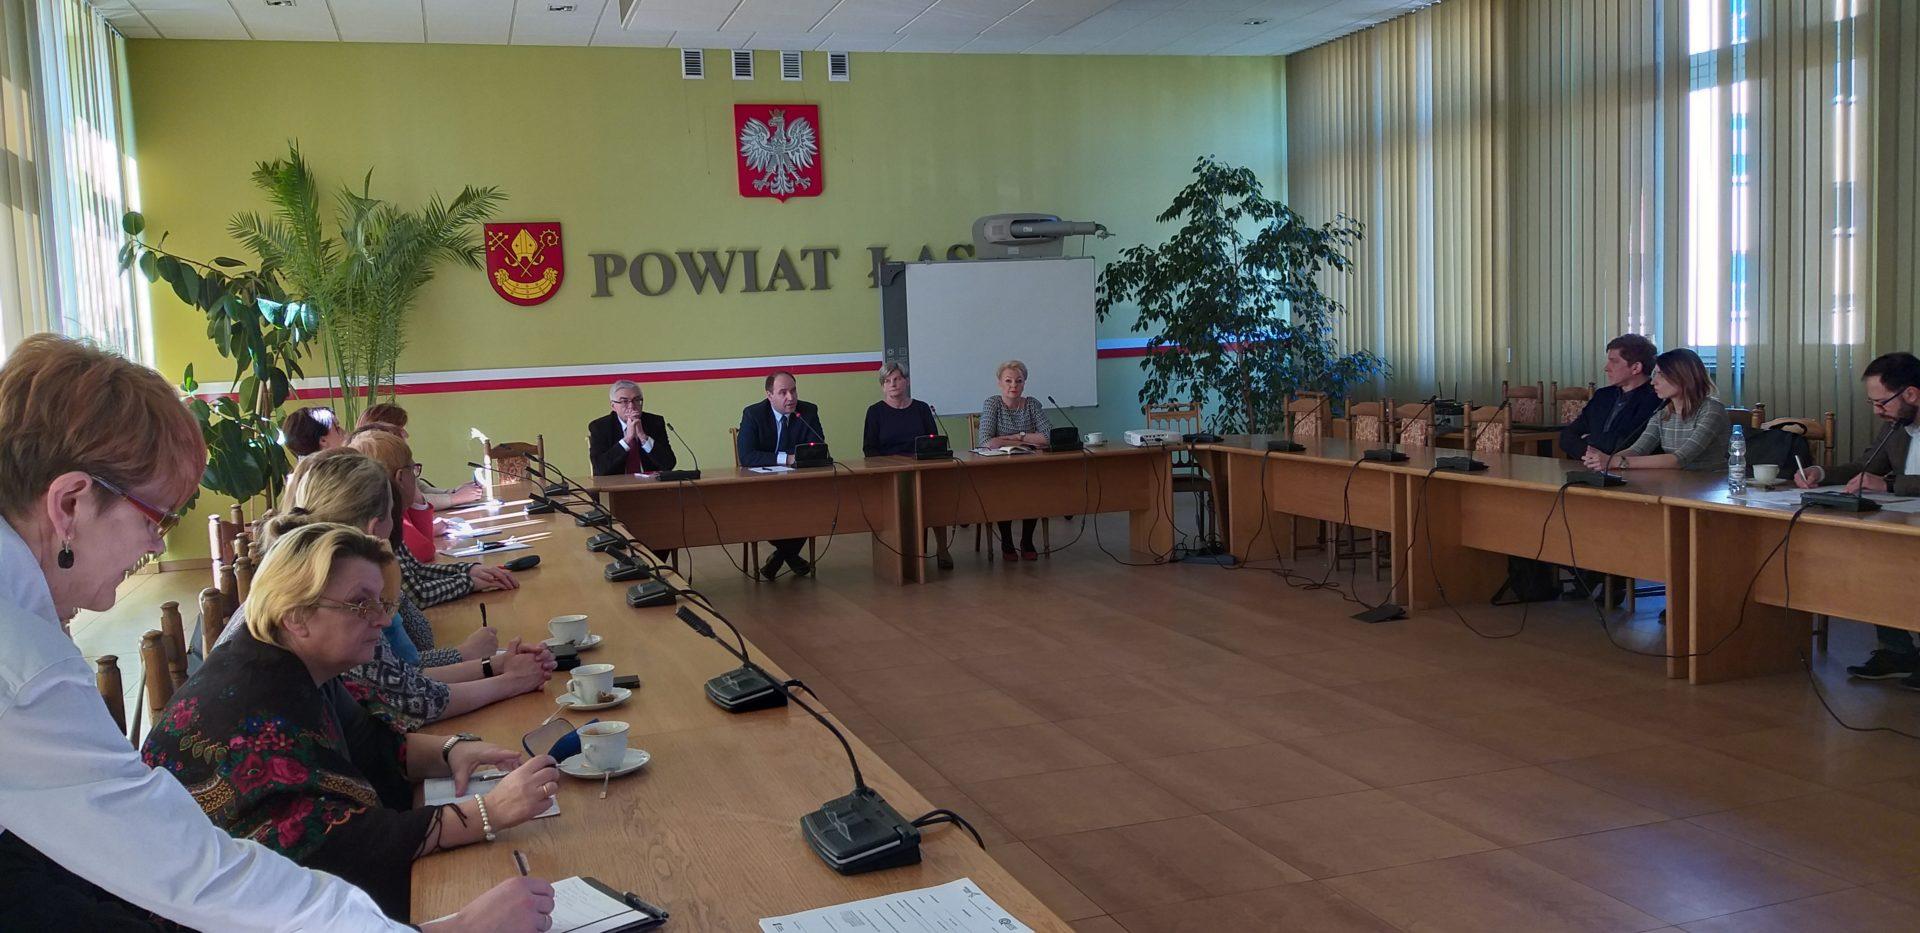 Spotkanie na temat możliwości utworzenia Zakładu Aktywności Zawodowej i Centrum Usług Społecznych